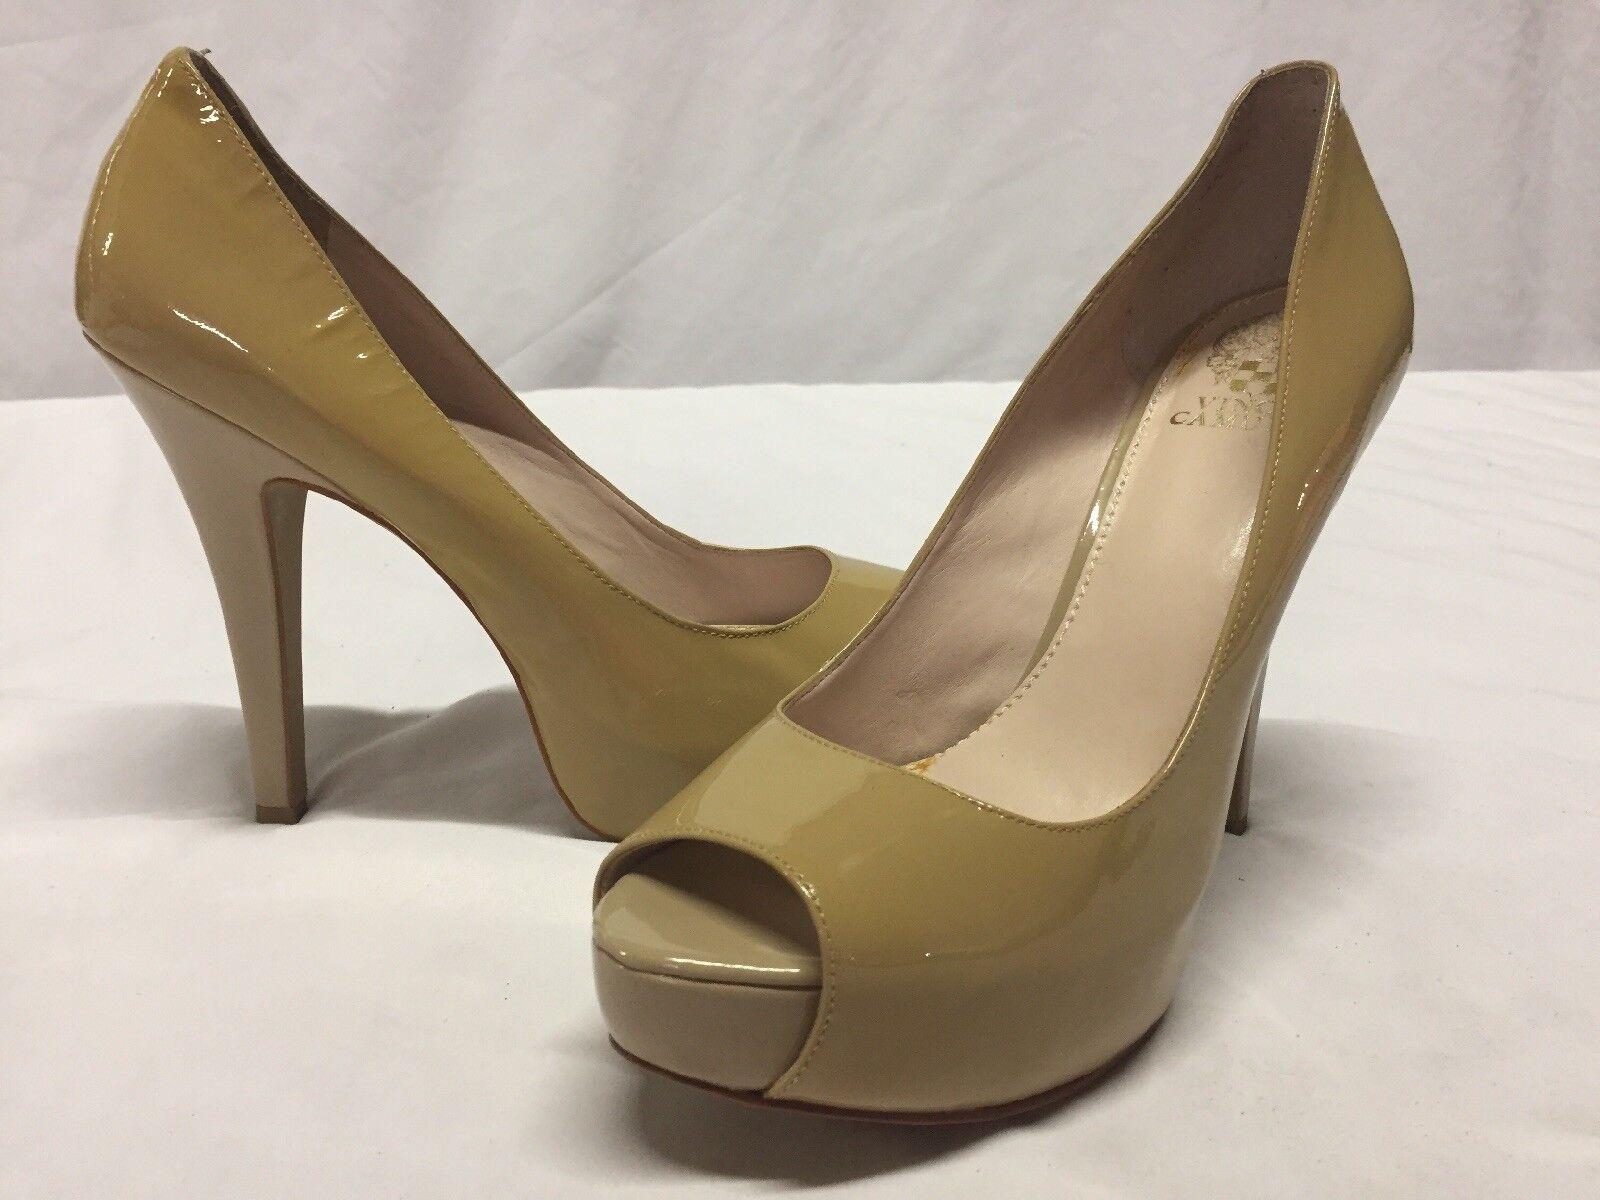 prima i clienti Vince Camuto MILESY2  donna's donna's donna's Pumps Open Toe scarpe, Beige, Dimensione 10.5 Eur 40.5  risposte rapide